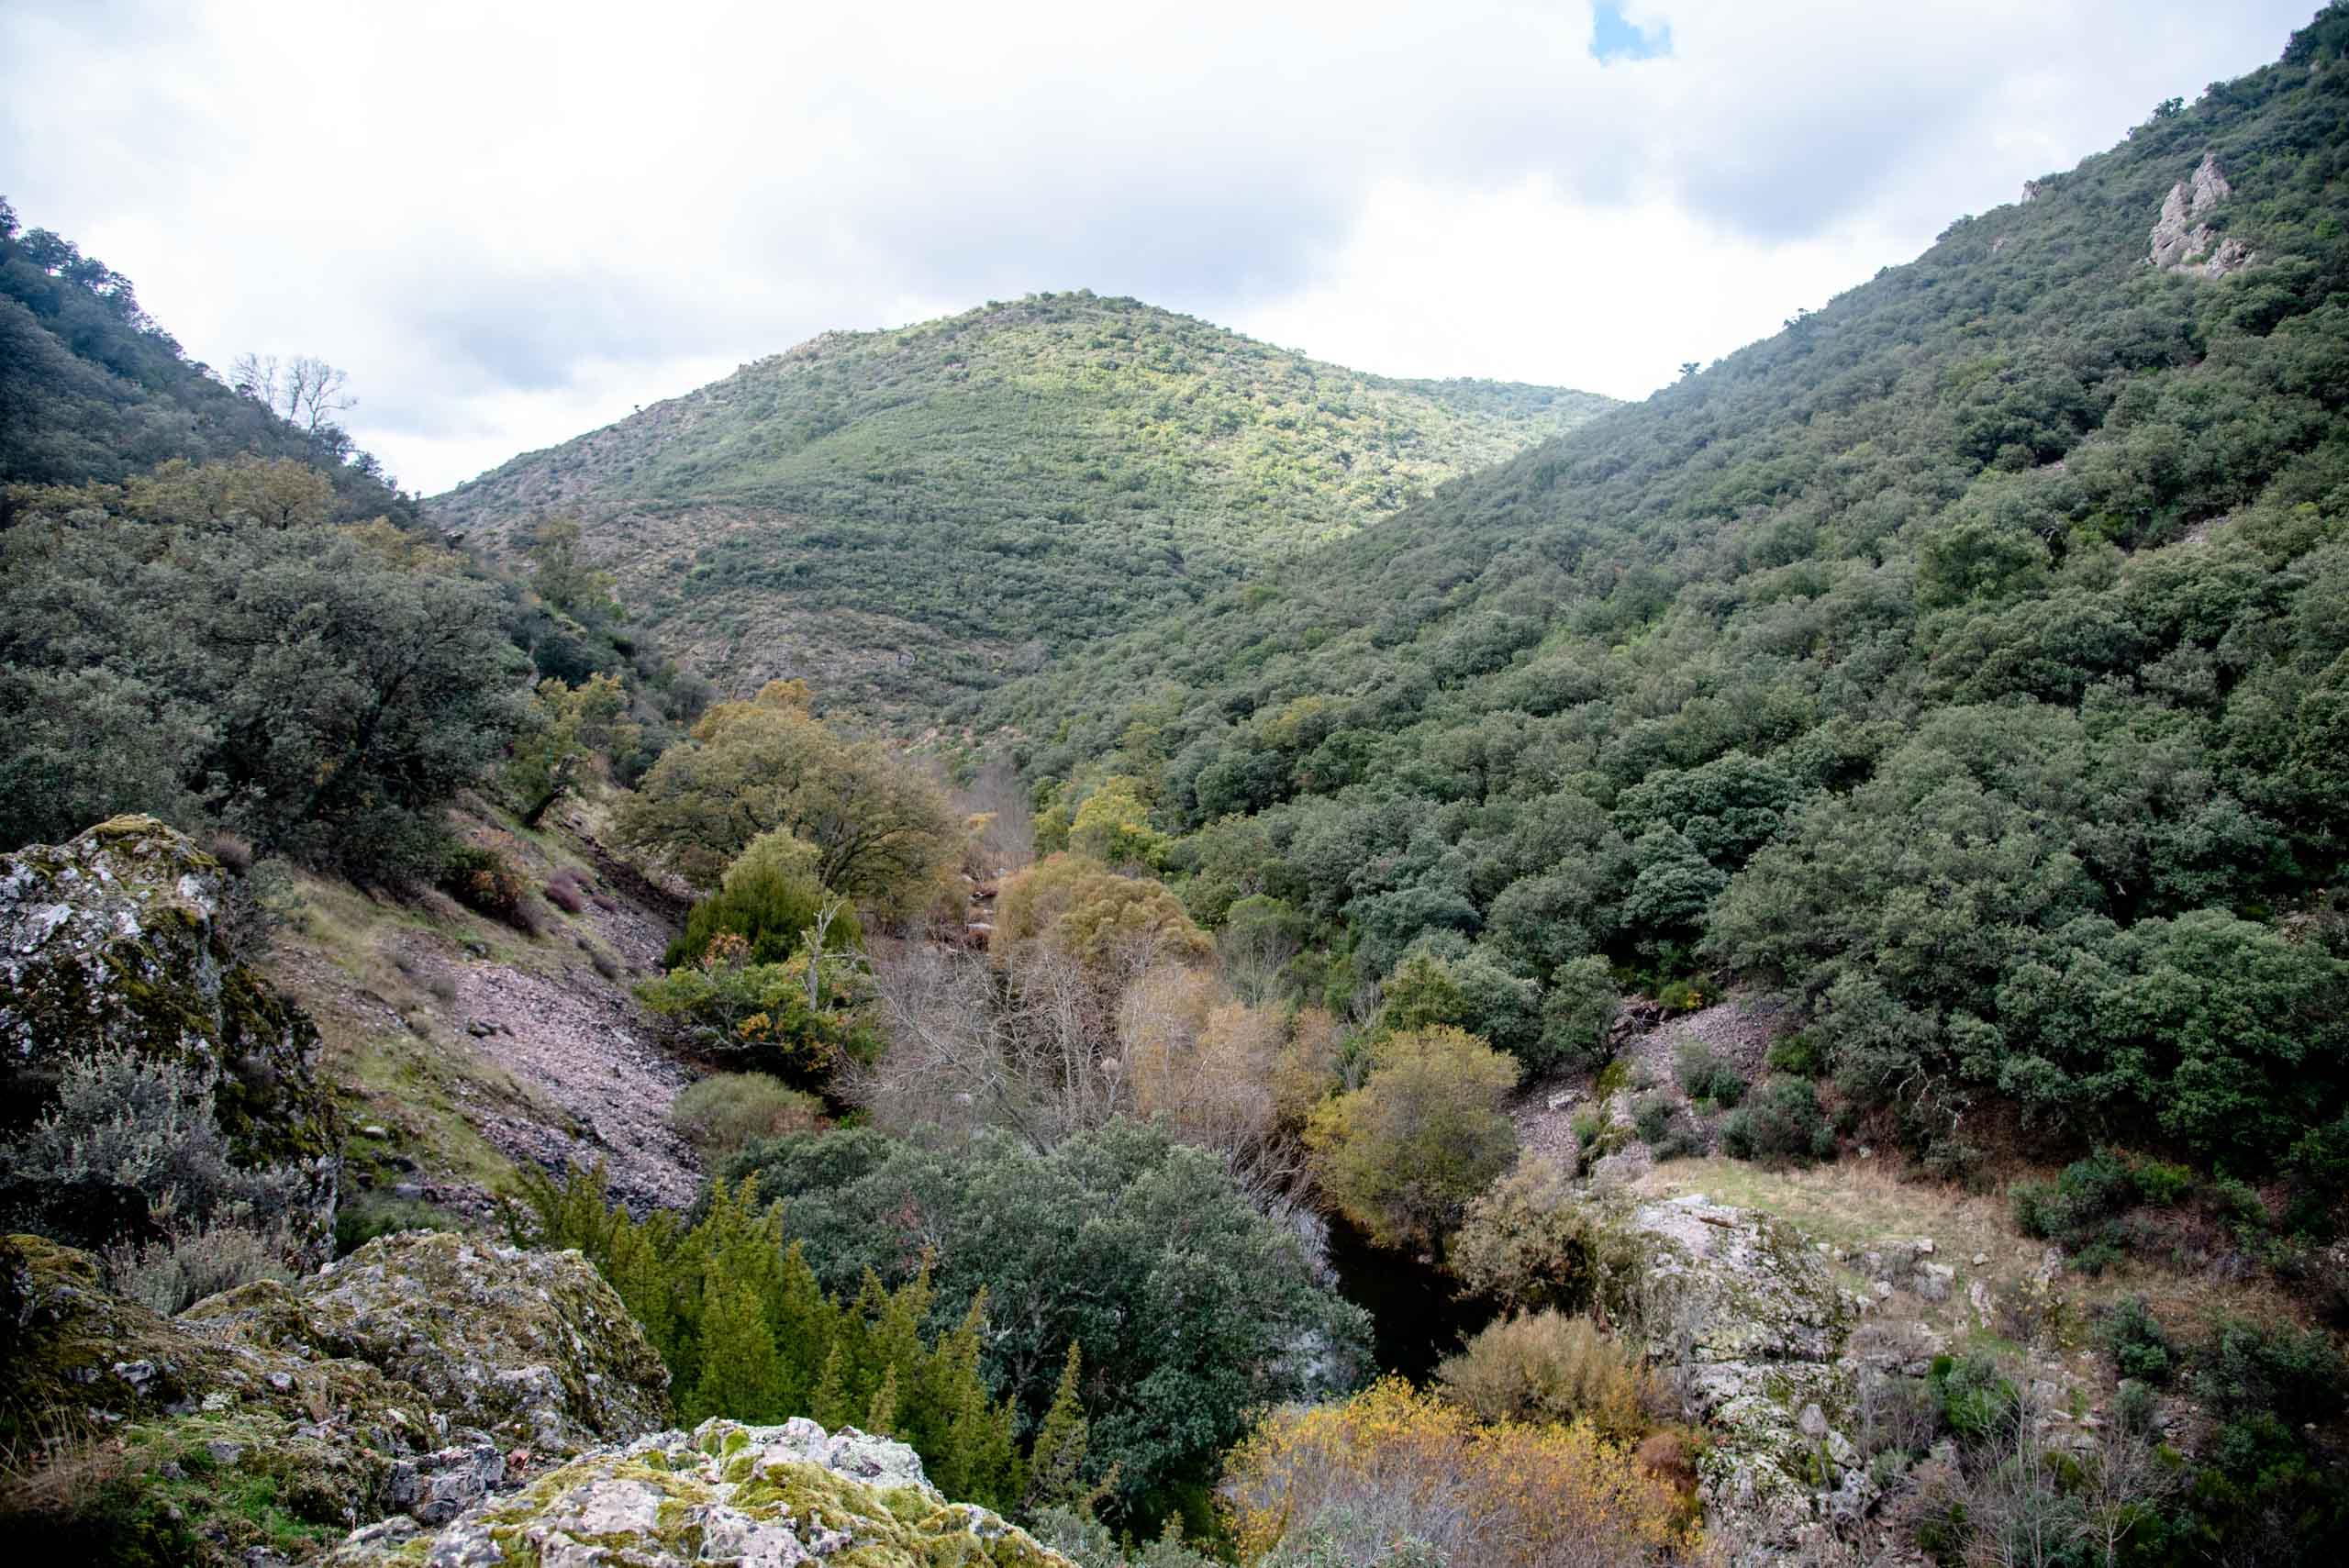 Boquerón del Estena mirador Tirapanes